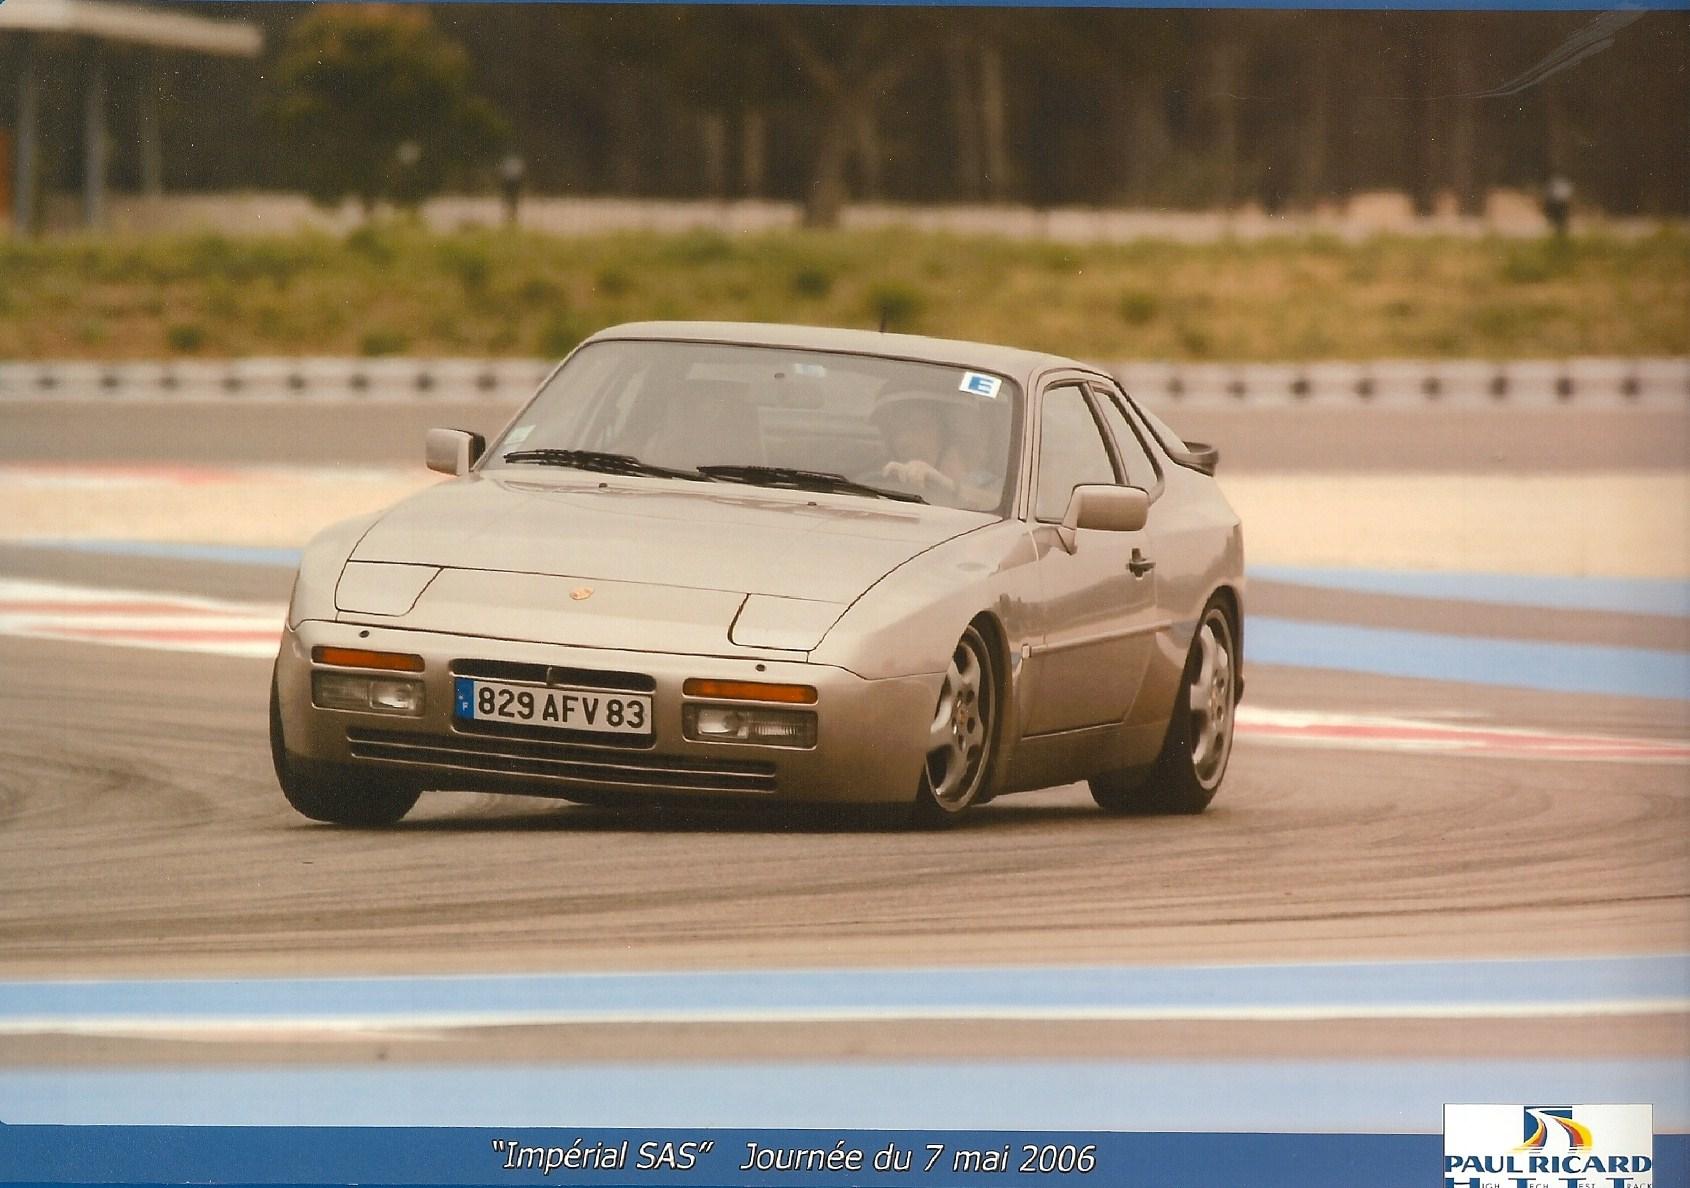 Le Castellet 28 novembre avec Porsche Club Méditerranée - Page 3 1410310937026452912660123